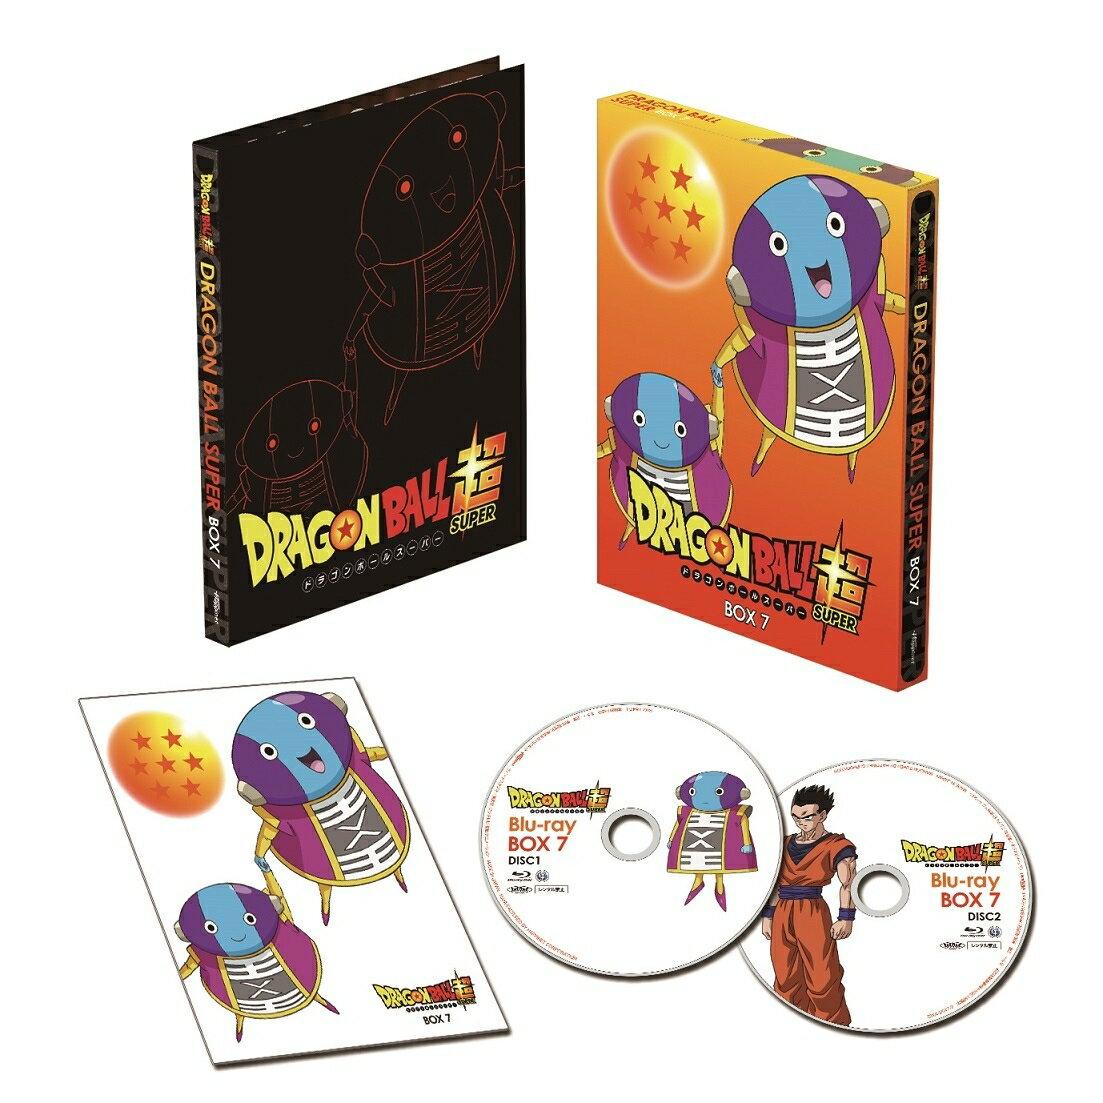 ドラゴンボール超 Blu-ray BOX7【Blu-ray】 [ 鶴ひろみ ]